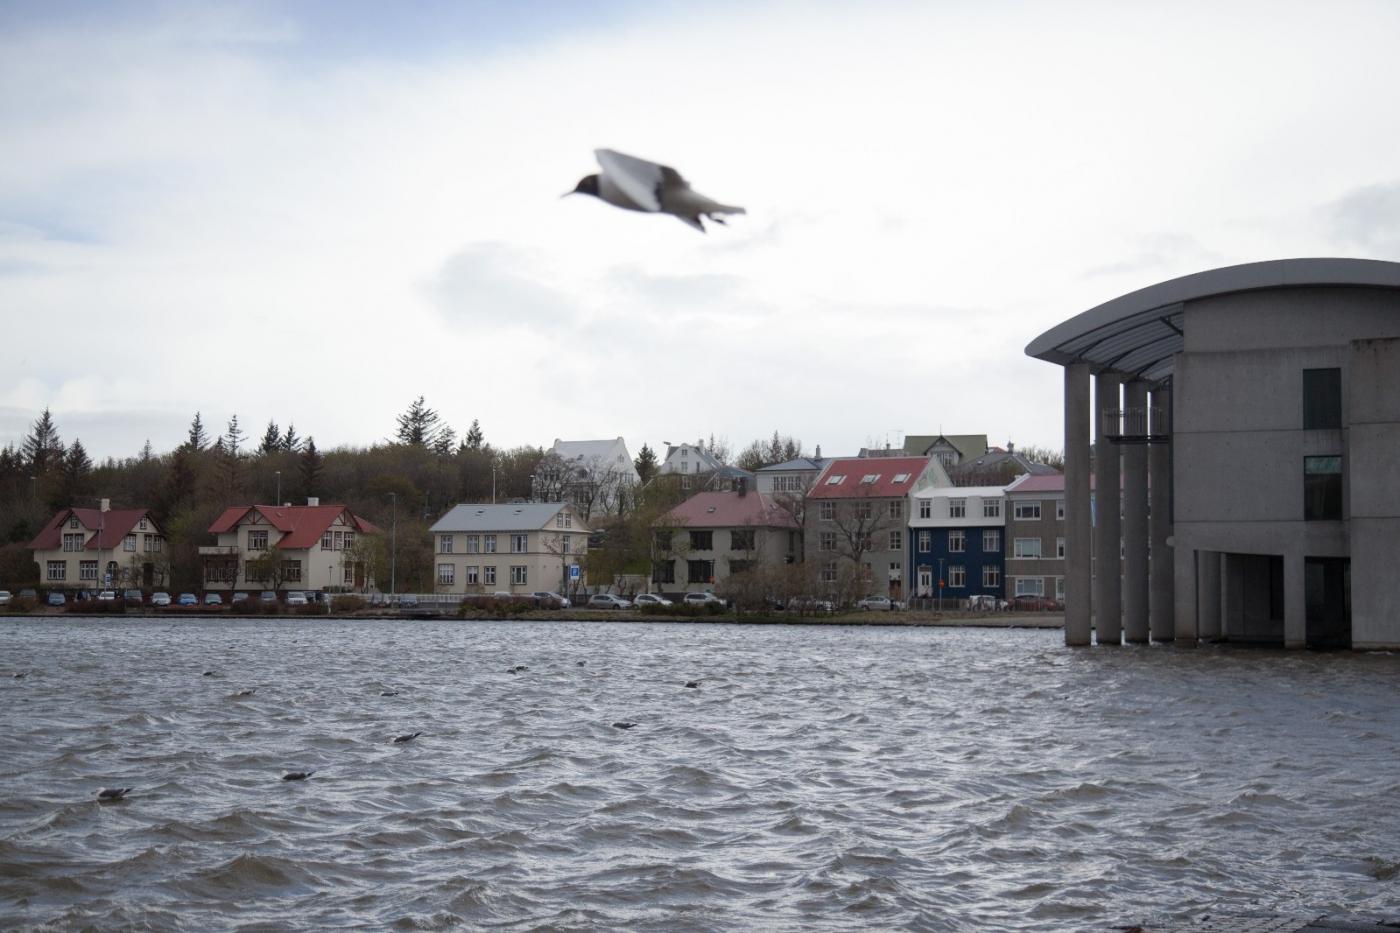 冰岛湖边美景_图1-5